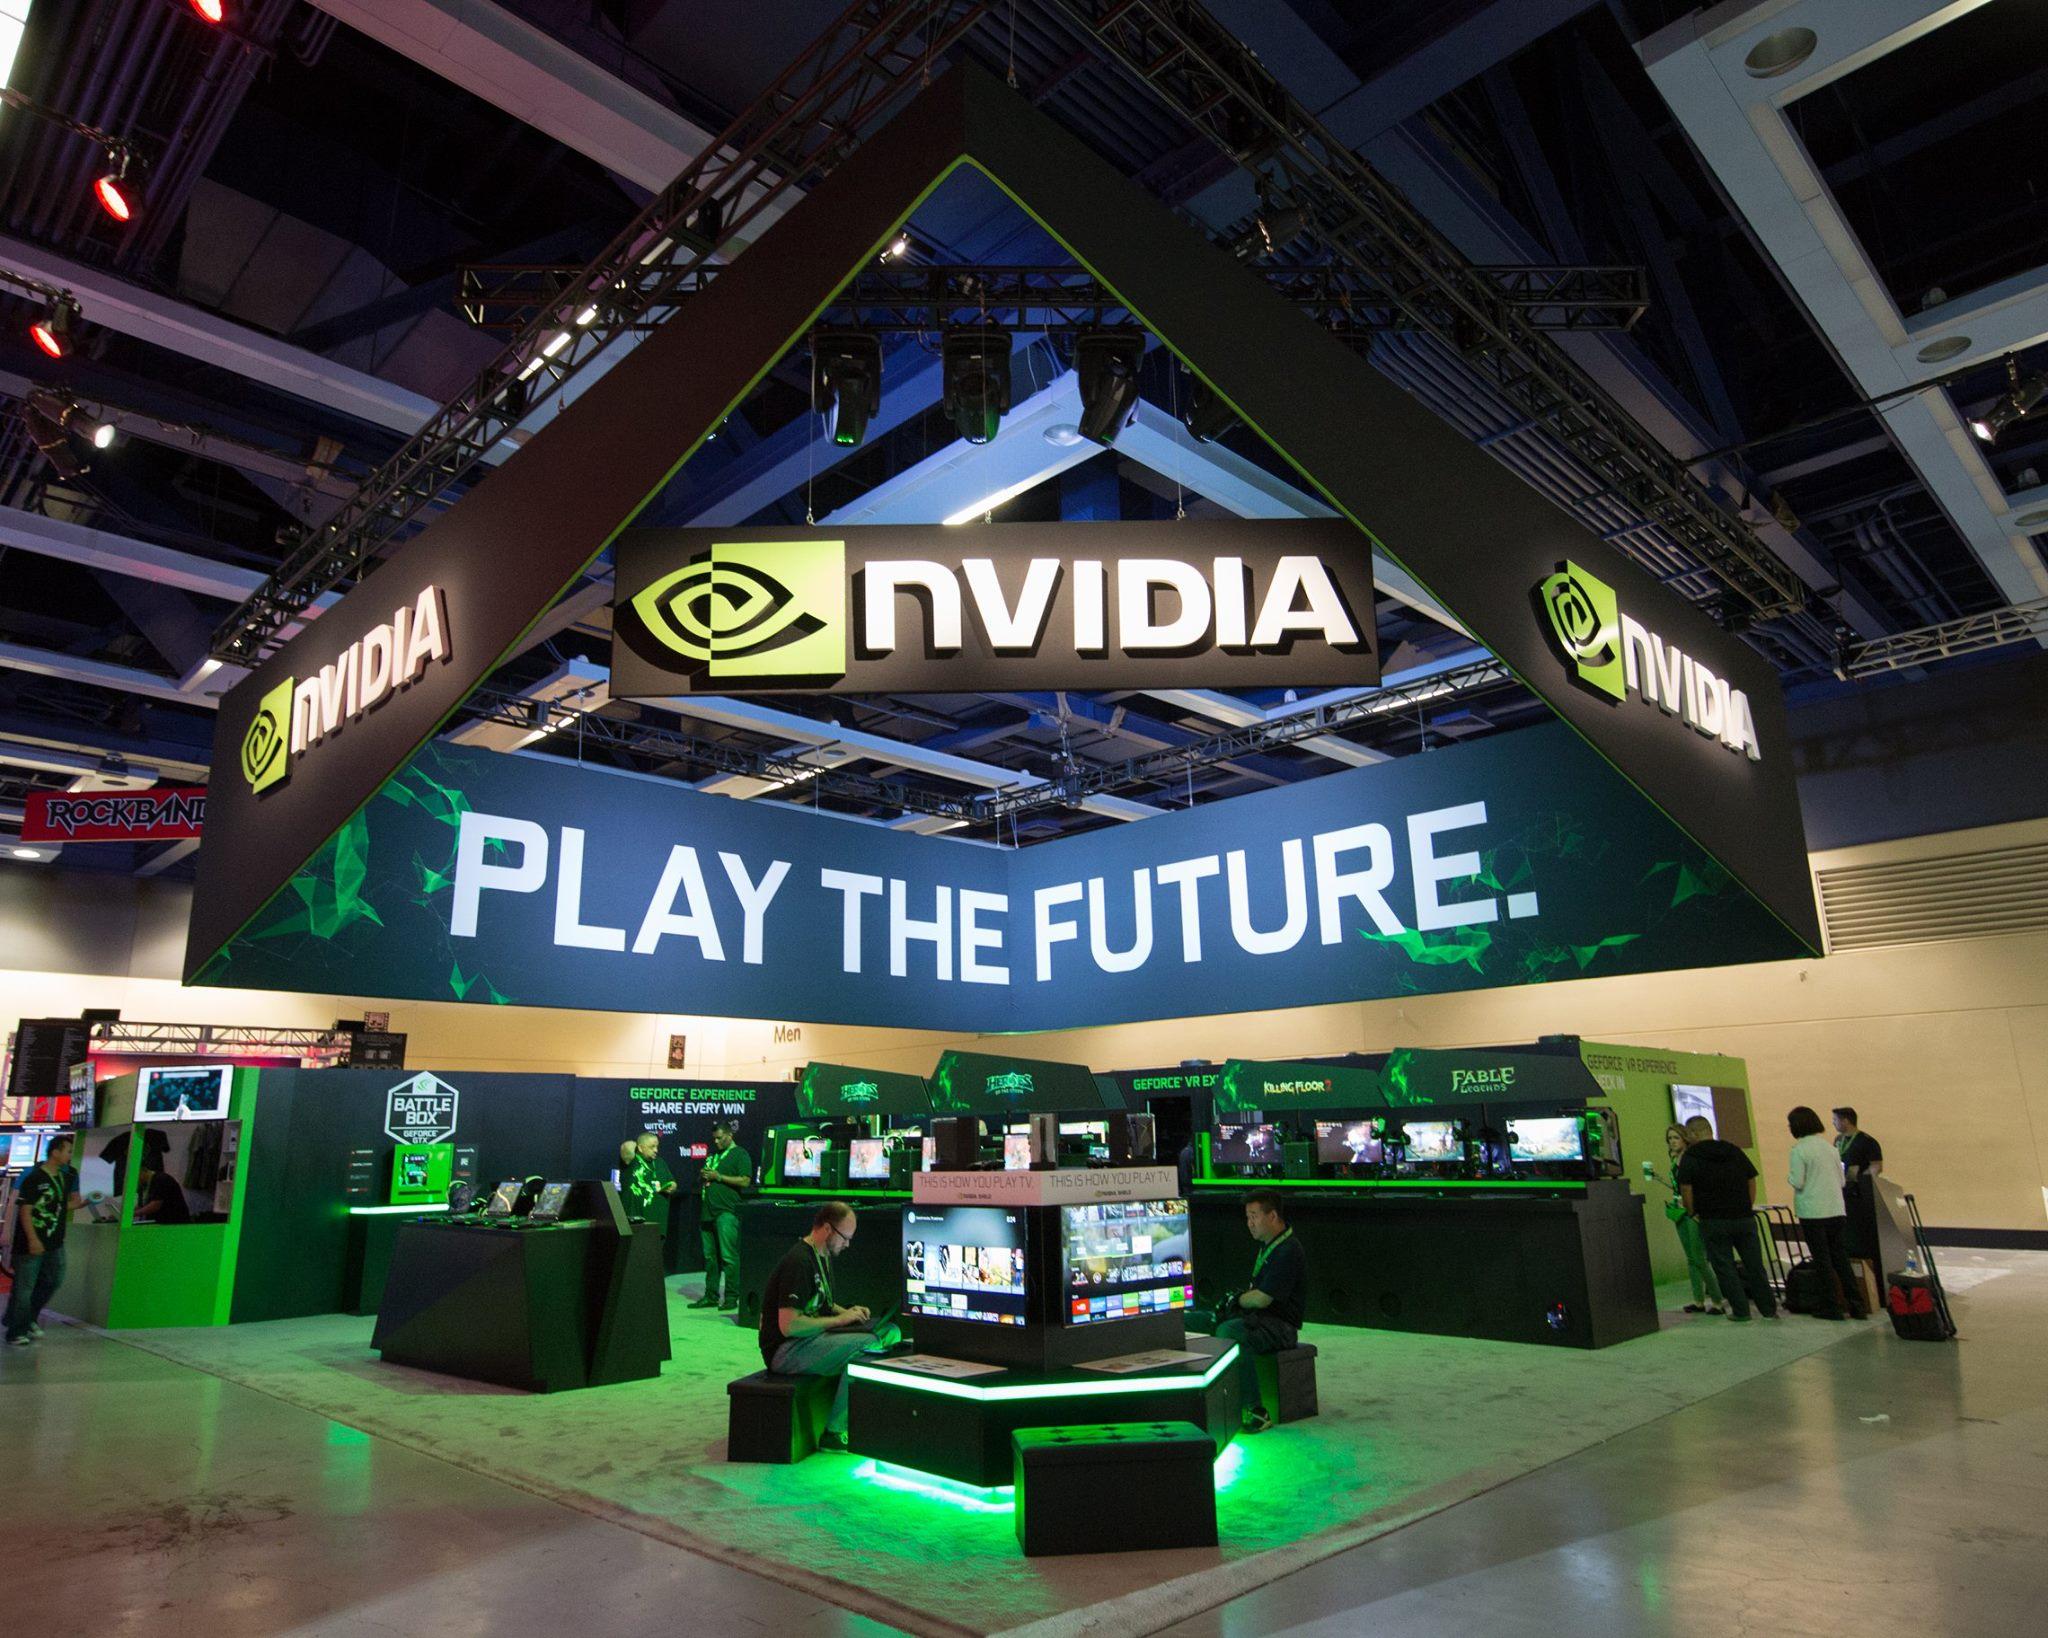 Wyższa wydajność Radeonów to nie przypadek. GeForce'y mogą nie wspierać DirectX 12